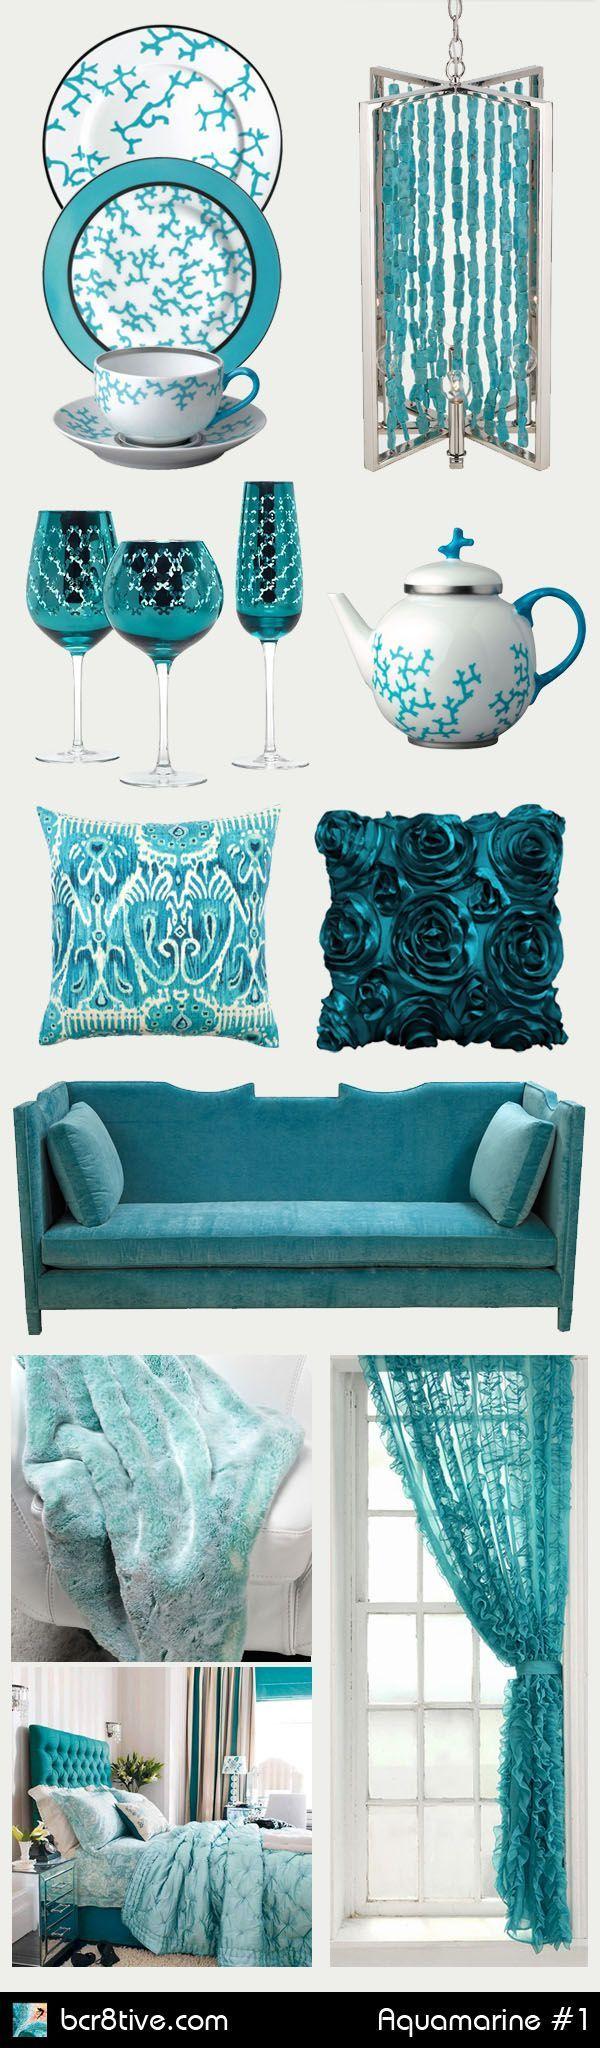 Aquamarine Turquoise Interior Design Home Decorating Products